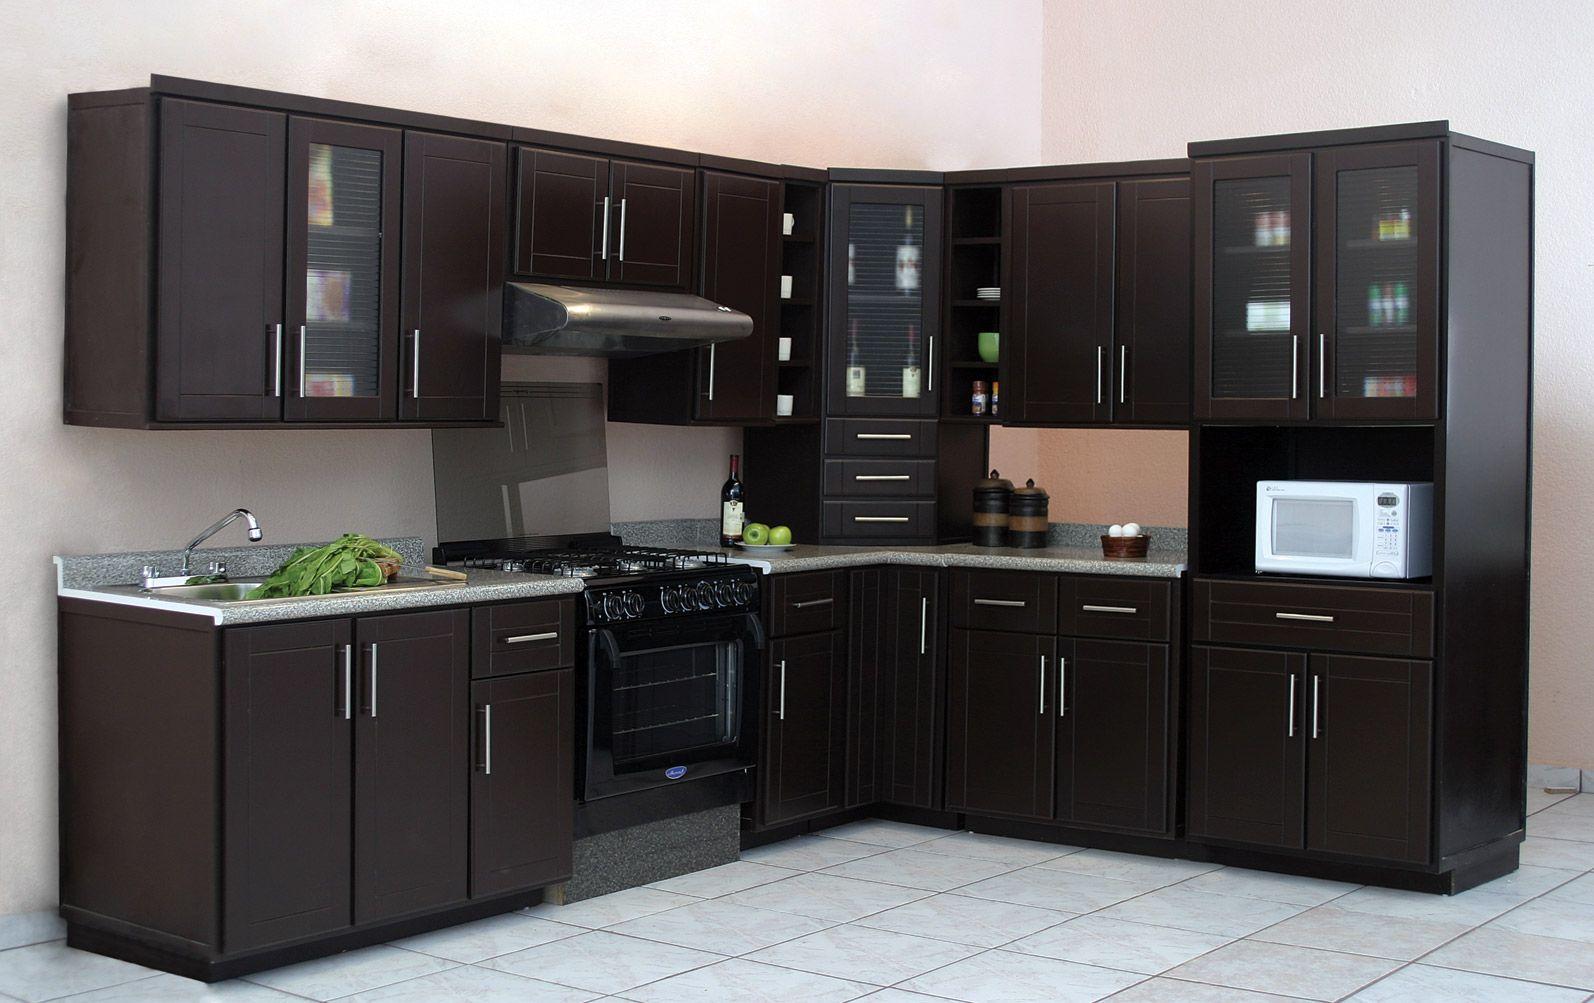 Ideas De Diseño De Interiores 10 Fotos De Cocinas Con Gabinetes ...